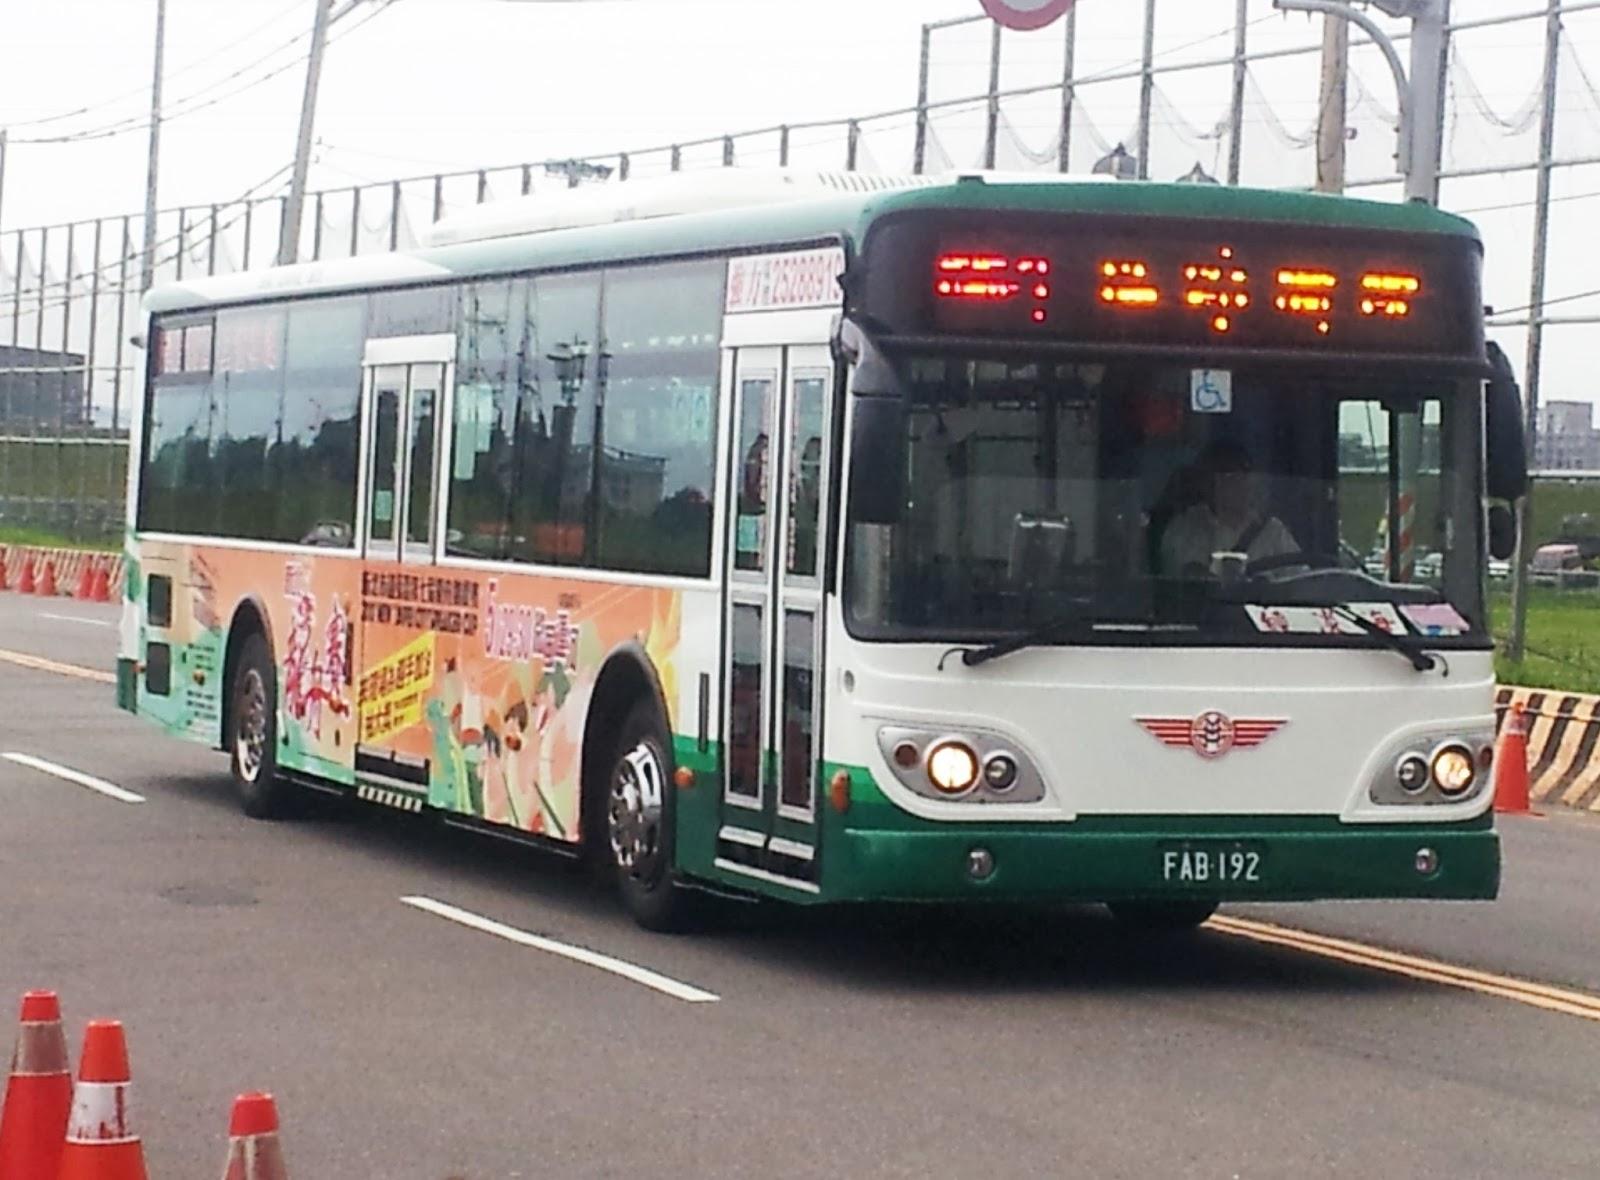 就是愛公車: 20170530 龍舟賽免費公車 撘乘記錄 返程